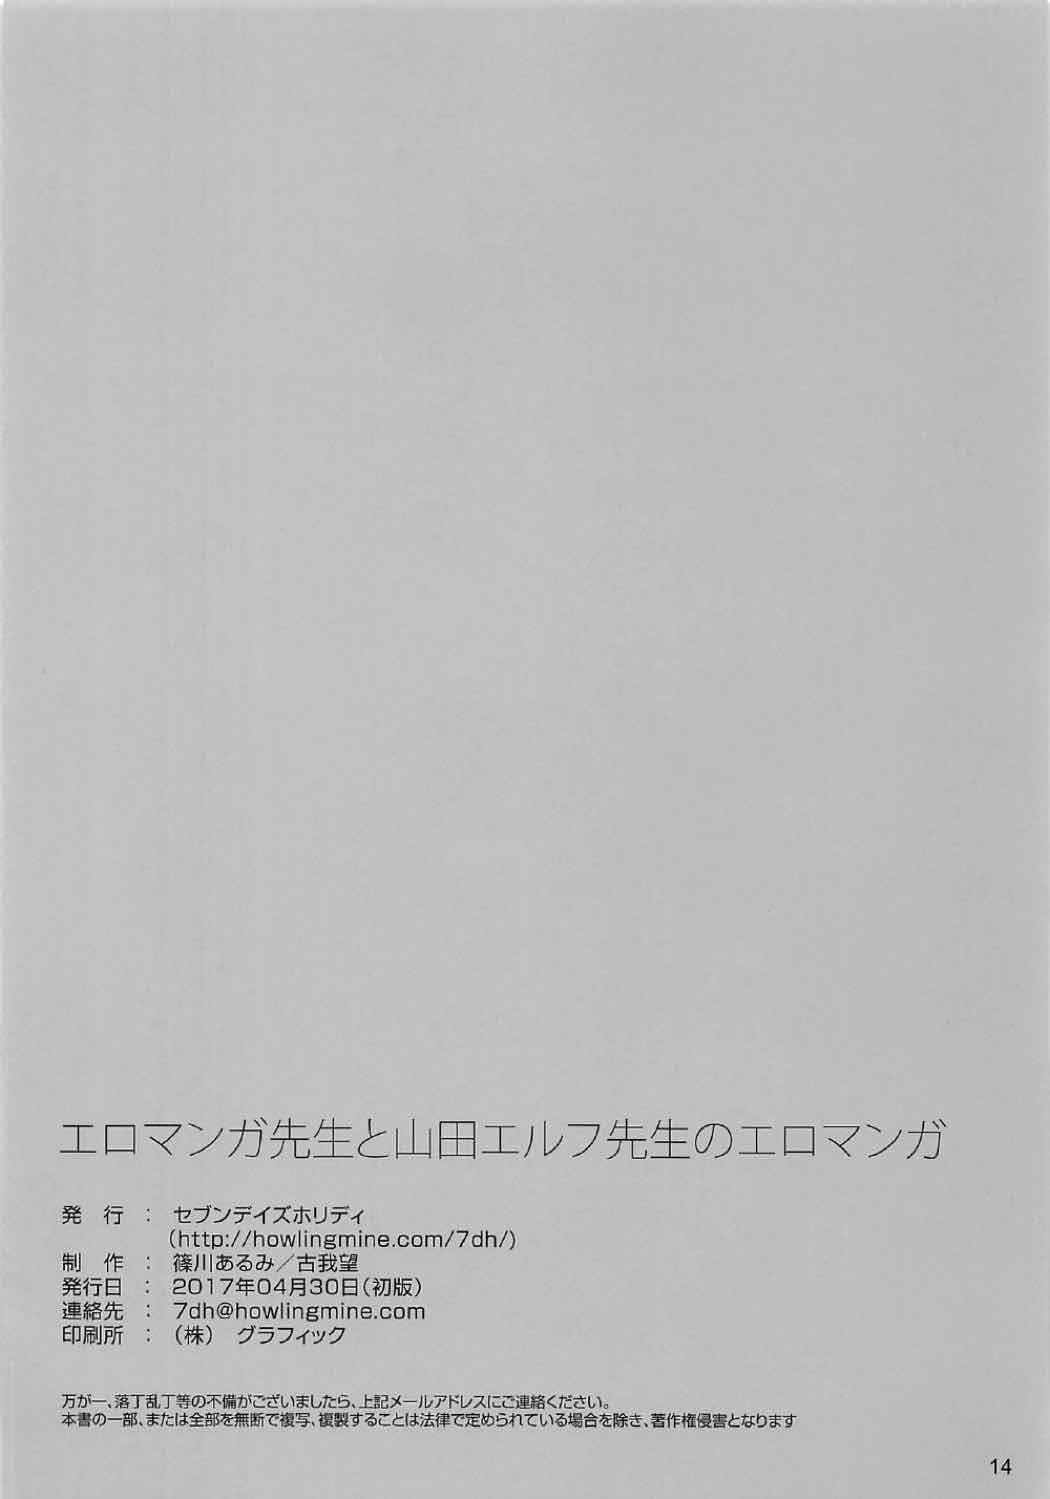 Eromanga Sensei to Yamada Elf Sensei no Eromanga 12